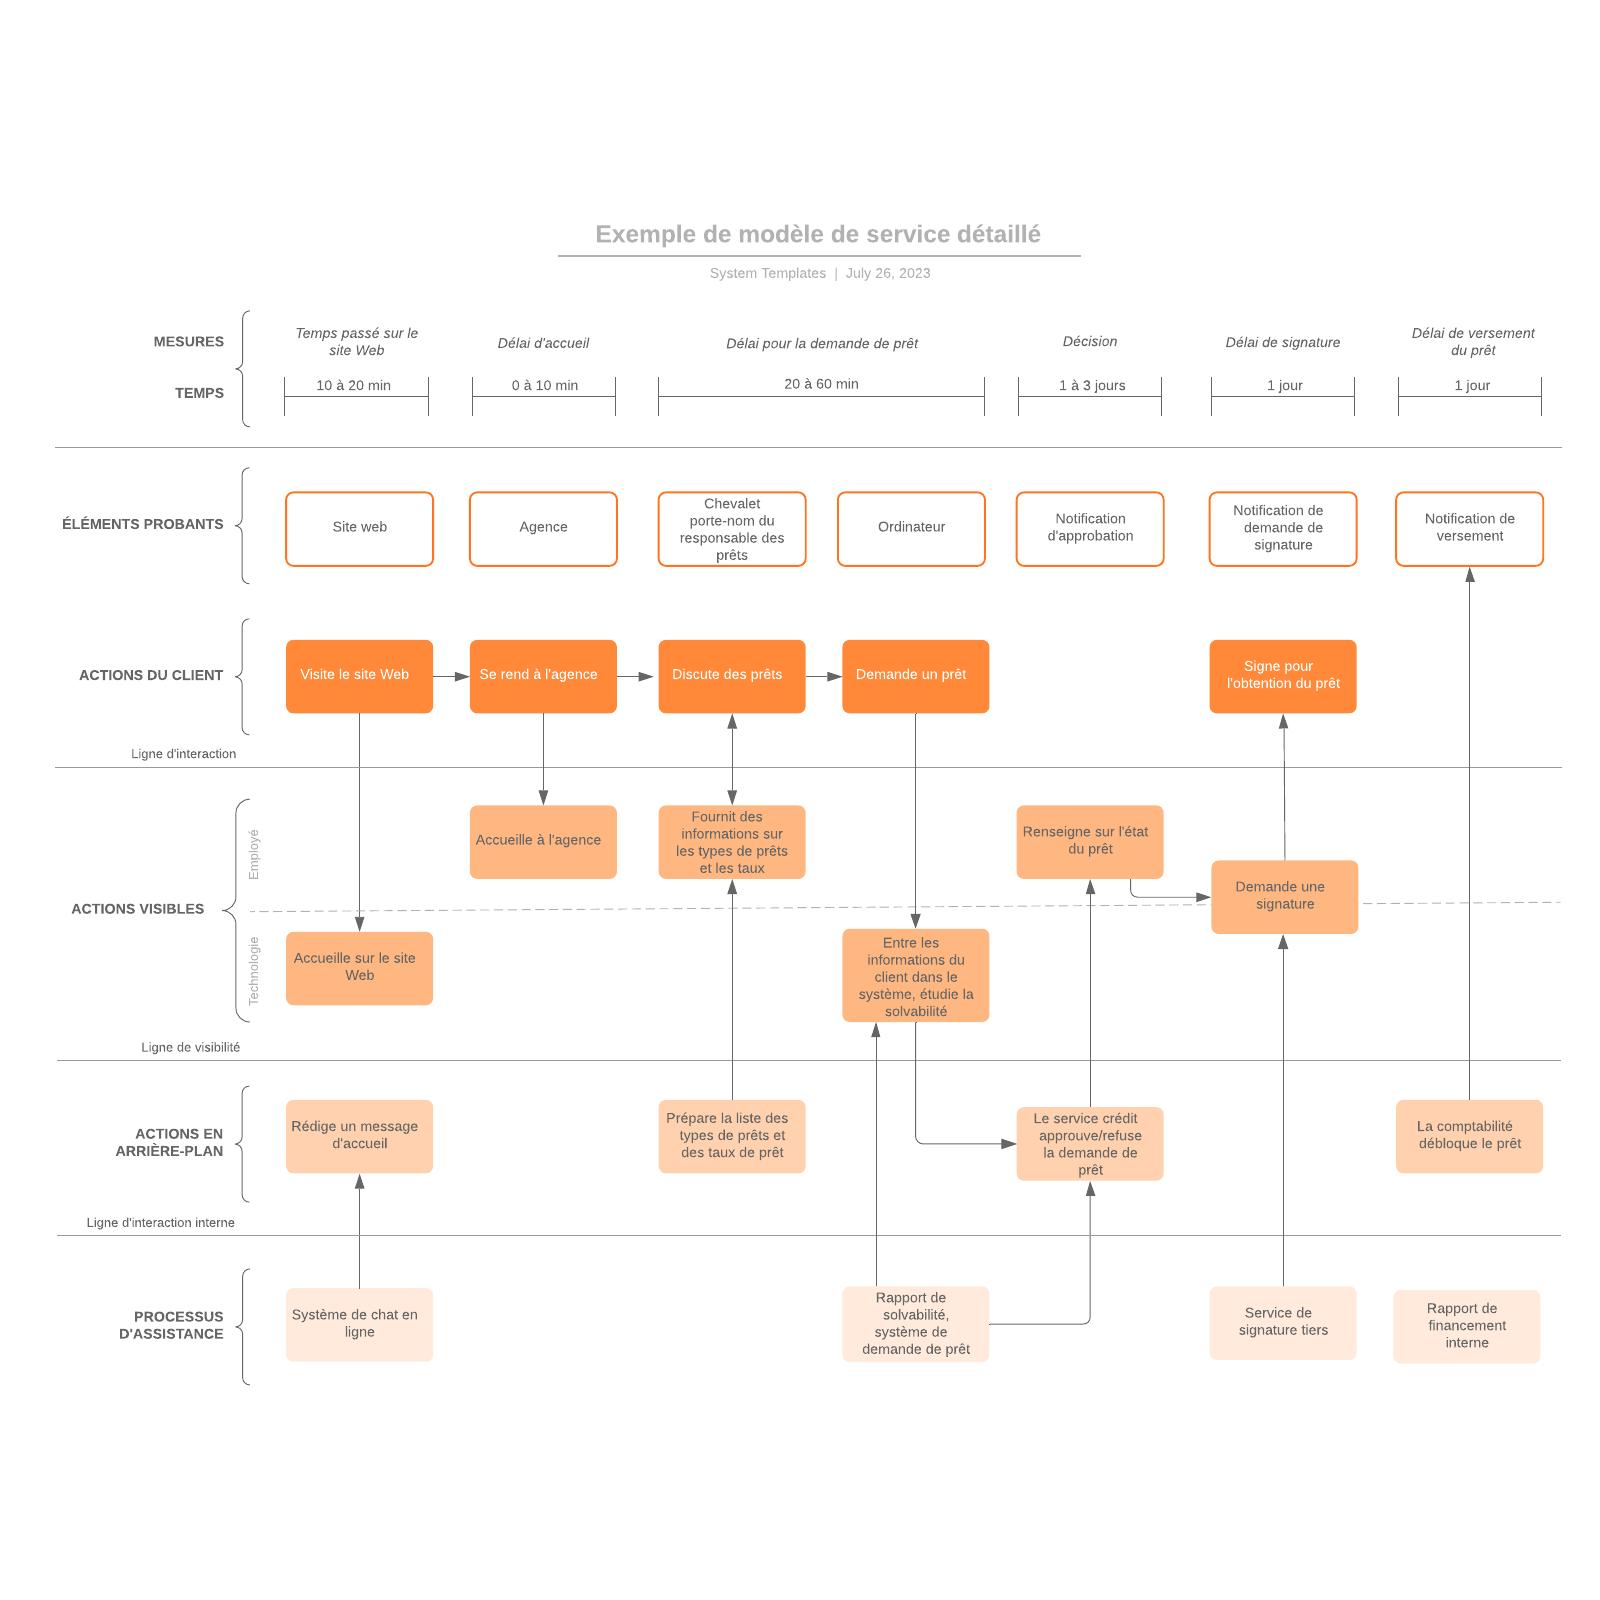 exemple de modèle de service détaillé